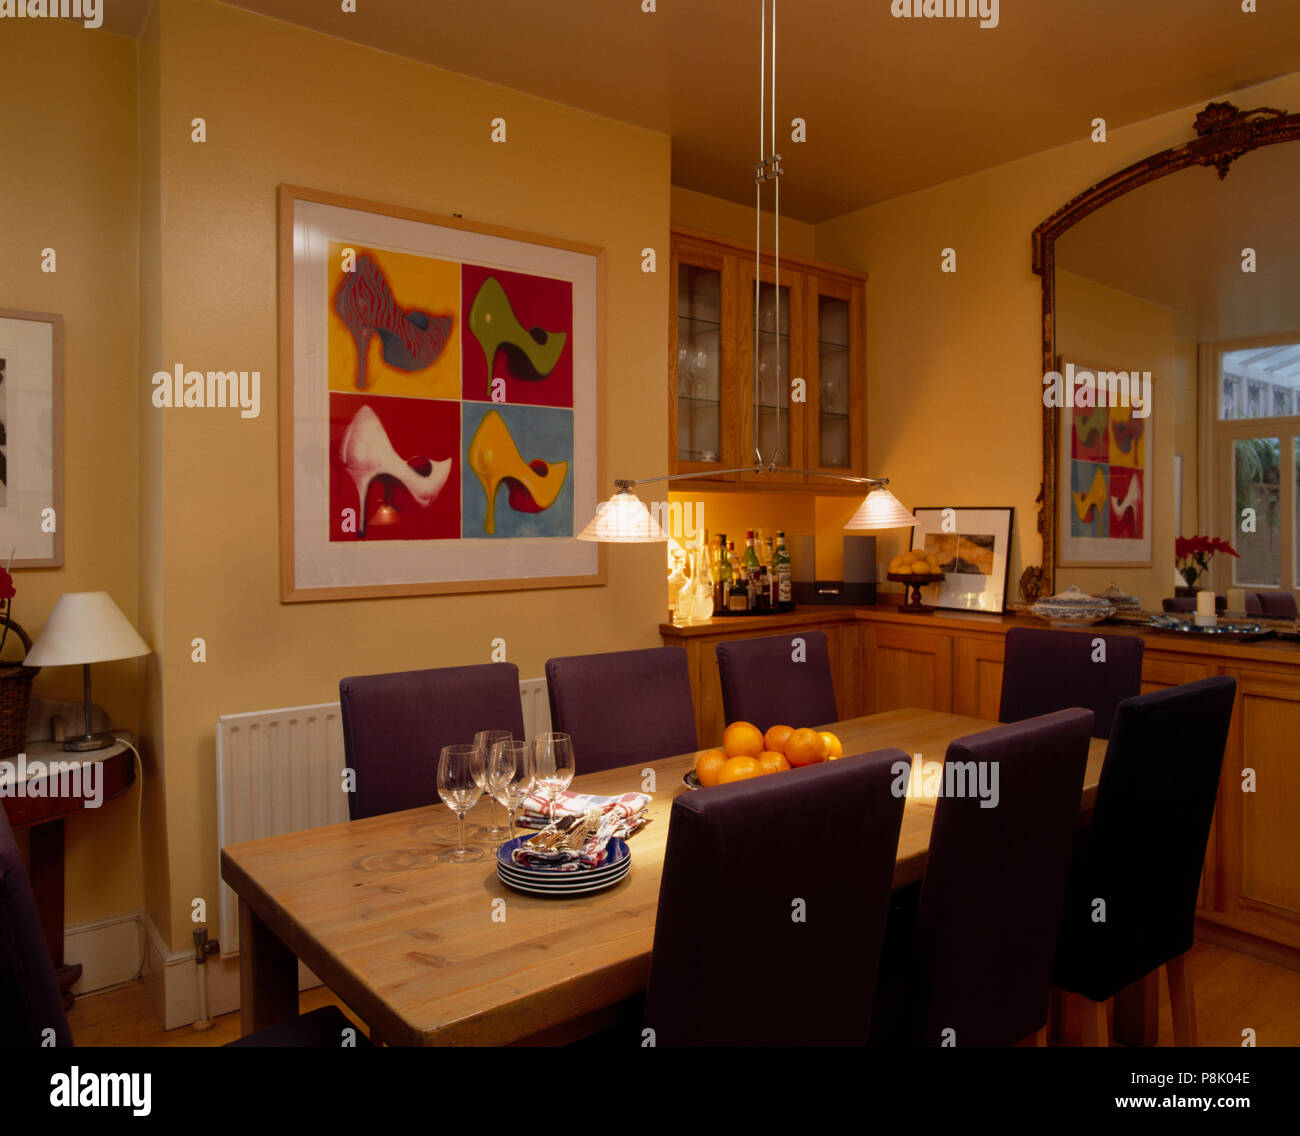 Dimensioni Tavolo Sala Da Pranzo lampade pensili sopra rettangolare tavolo in legno di colore